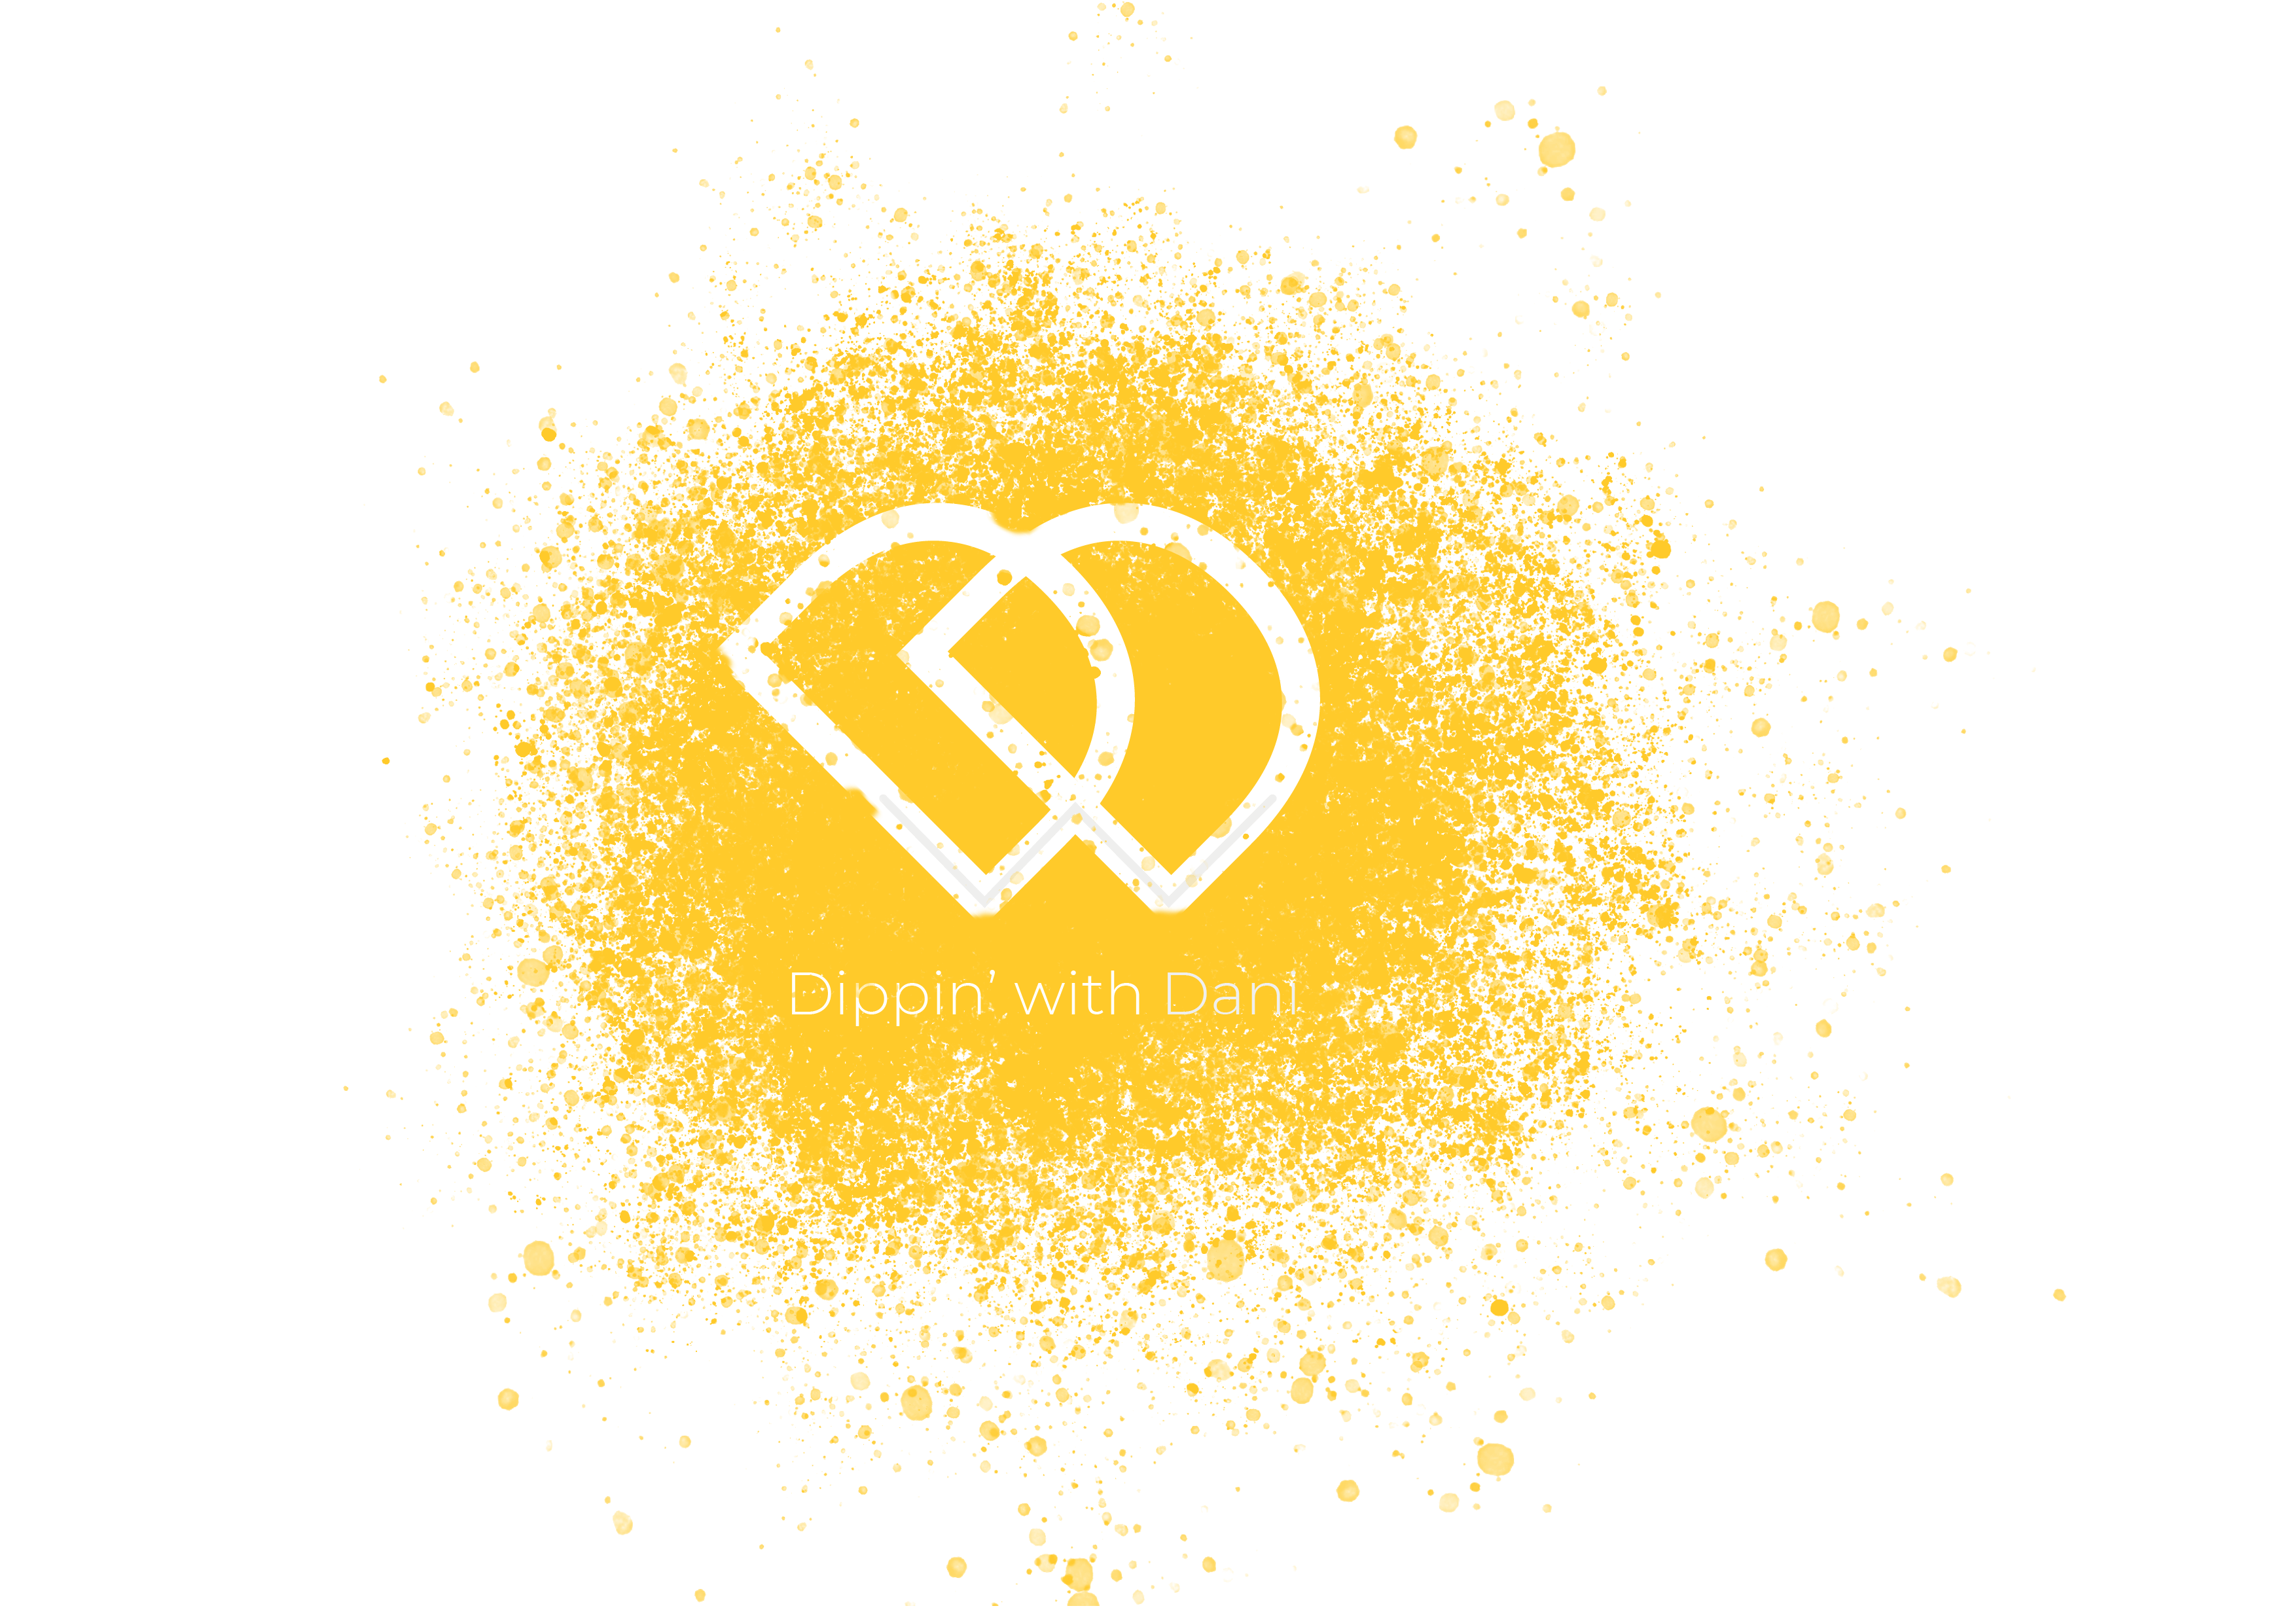 Logo Variation 2